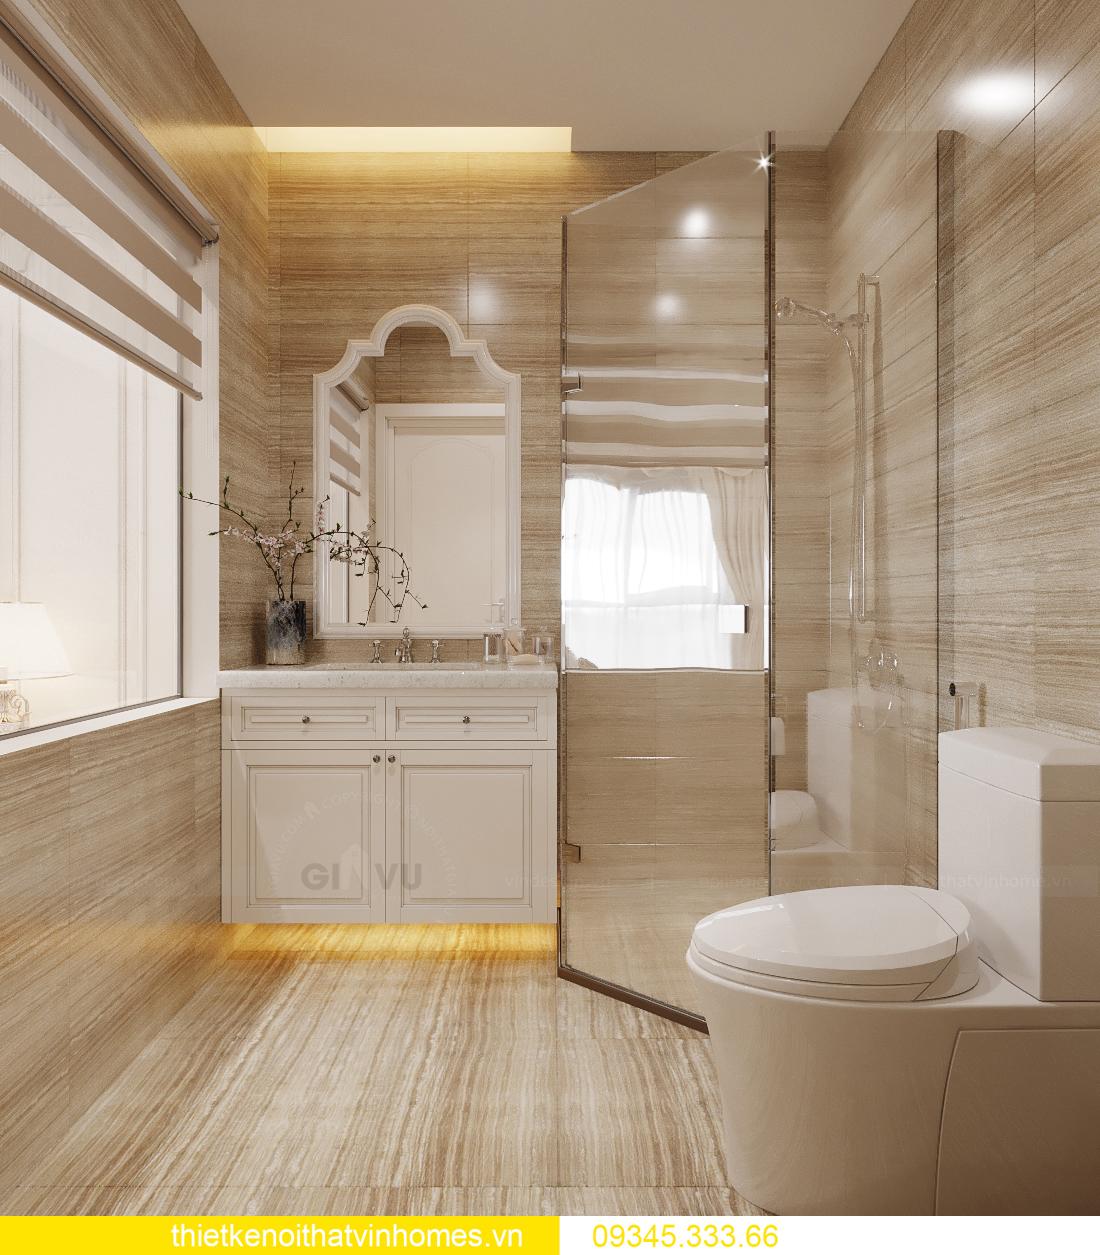 thiết kế nội thất căn hộ chung cư tân cổ điển nhà chị Như 10